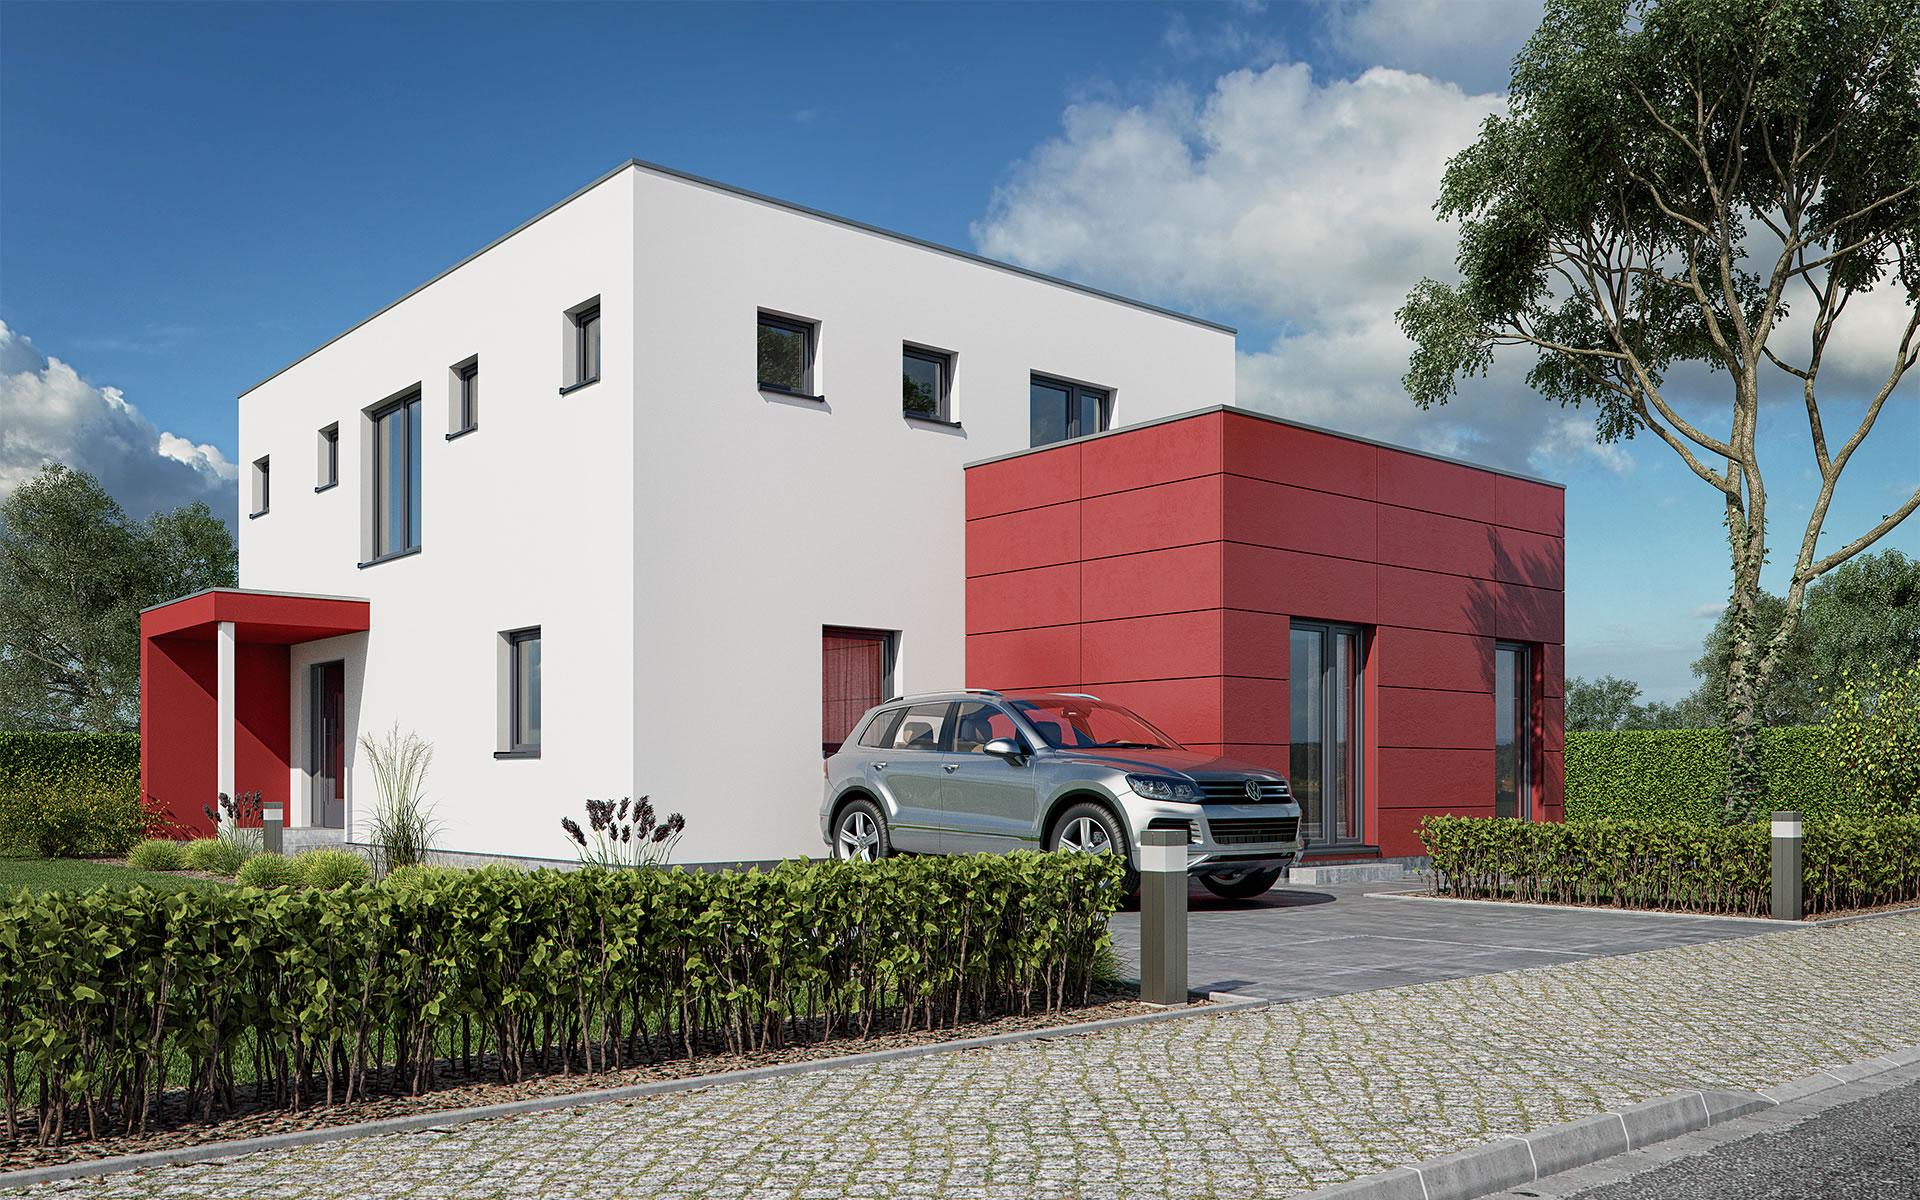 Haas S 154 D von Haas Fertigbau GmbH